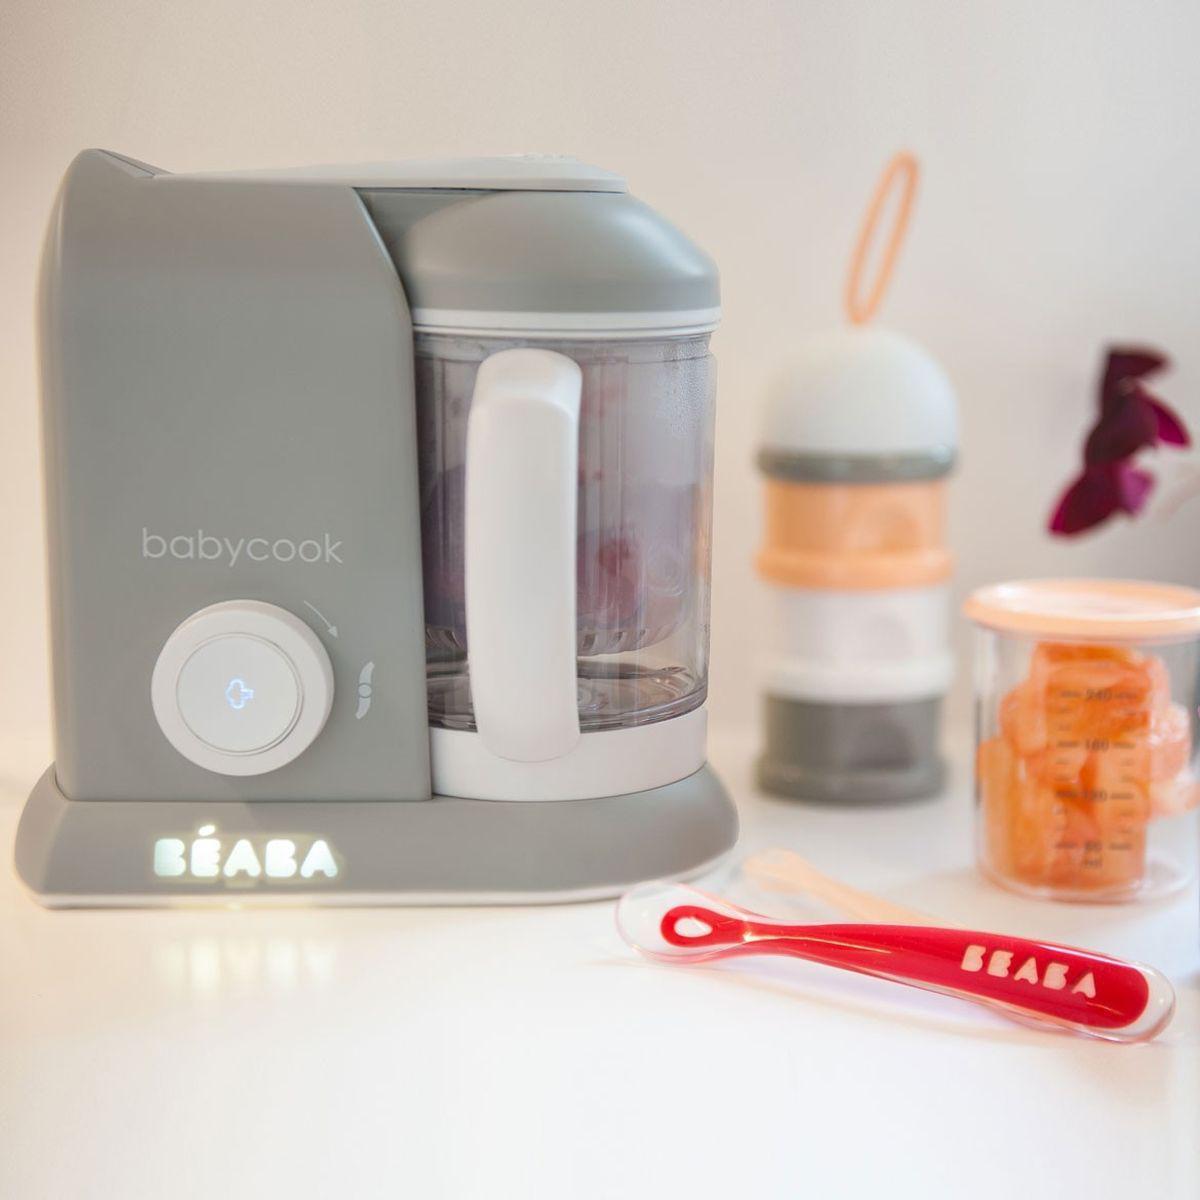 Robot cocina BABYCOOK SOLO Beaba gris